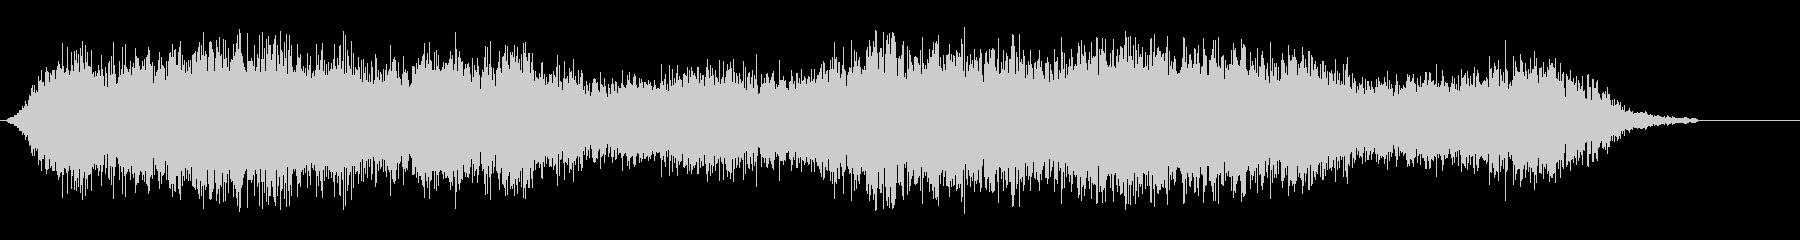 シャシャシャ(紙が擦れるような効果音)の未再生の波形